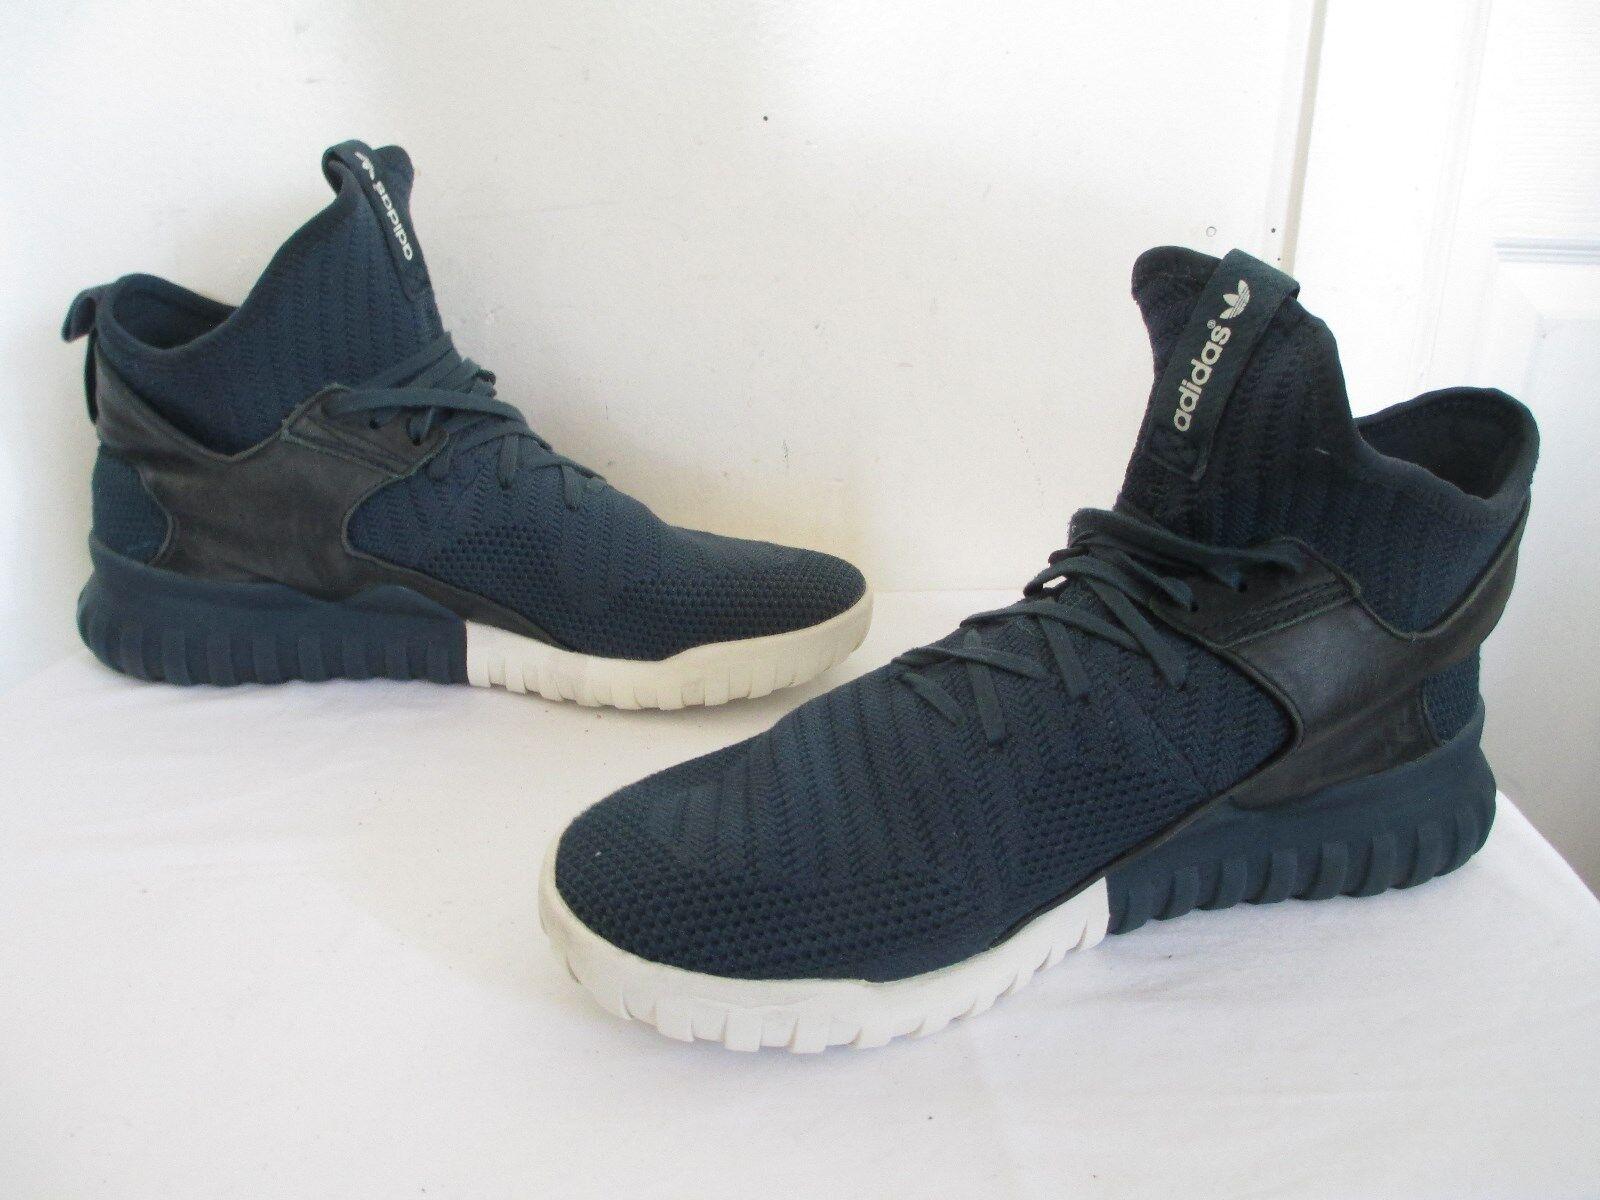 adidas originals tubuläre x prämie uns primeknit s81675 limited edition uns prämie 13 ½ 089c22